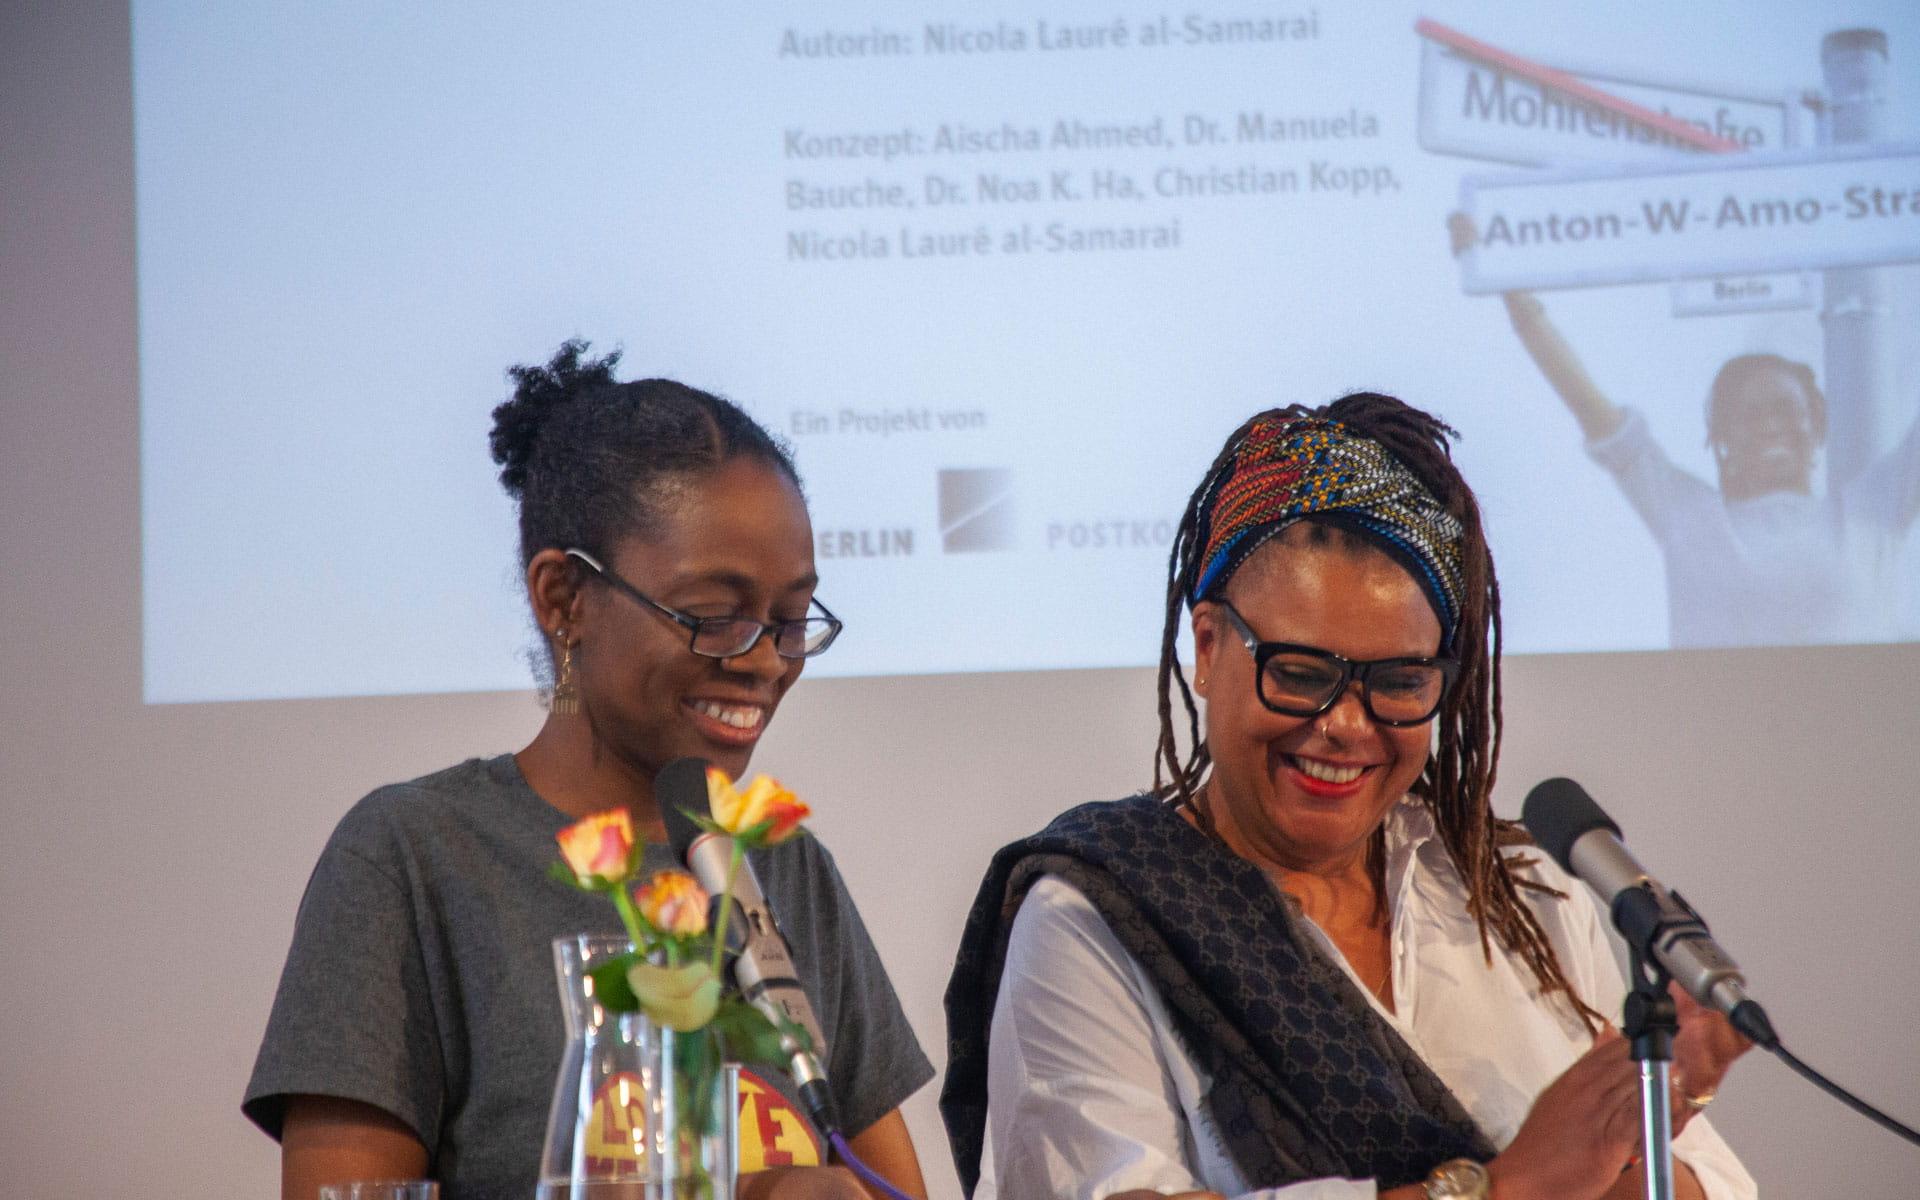 Sharon Dodua Otoo: Was Sharon Dodua Otoo denkt, während sie höflich lächelt <br/>(c) Lemia Bodden